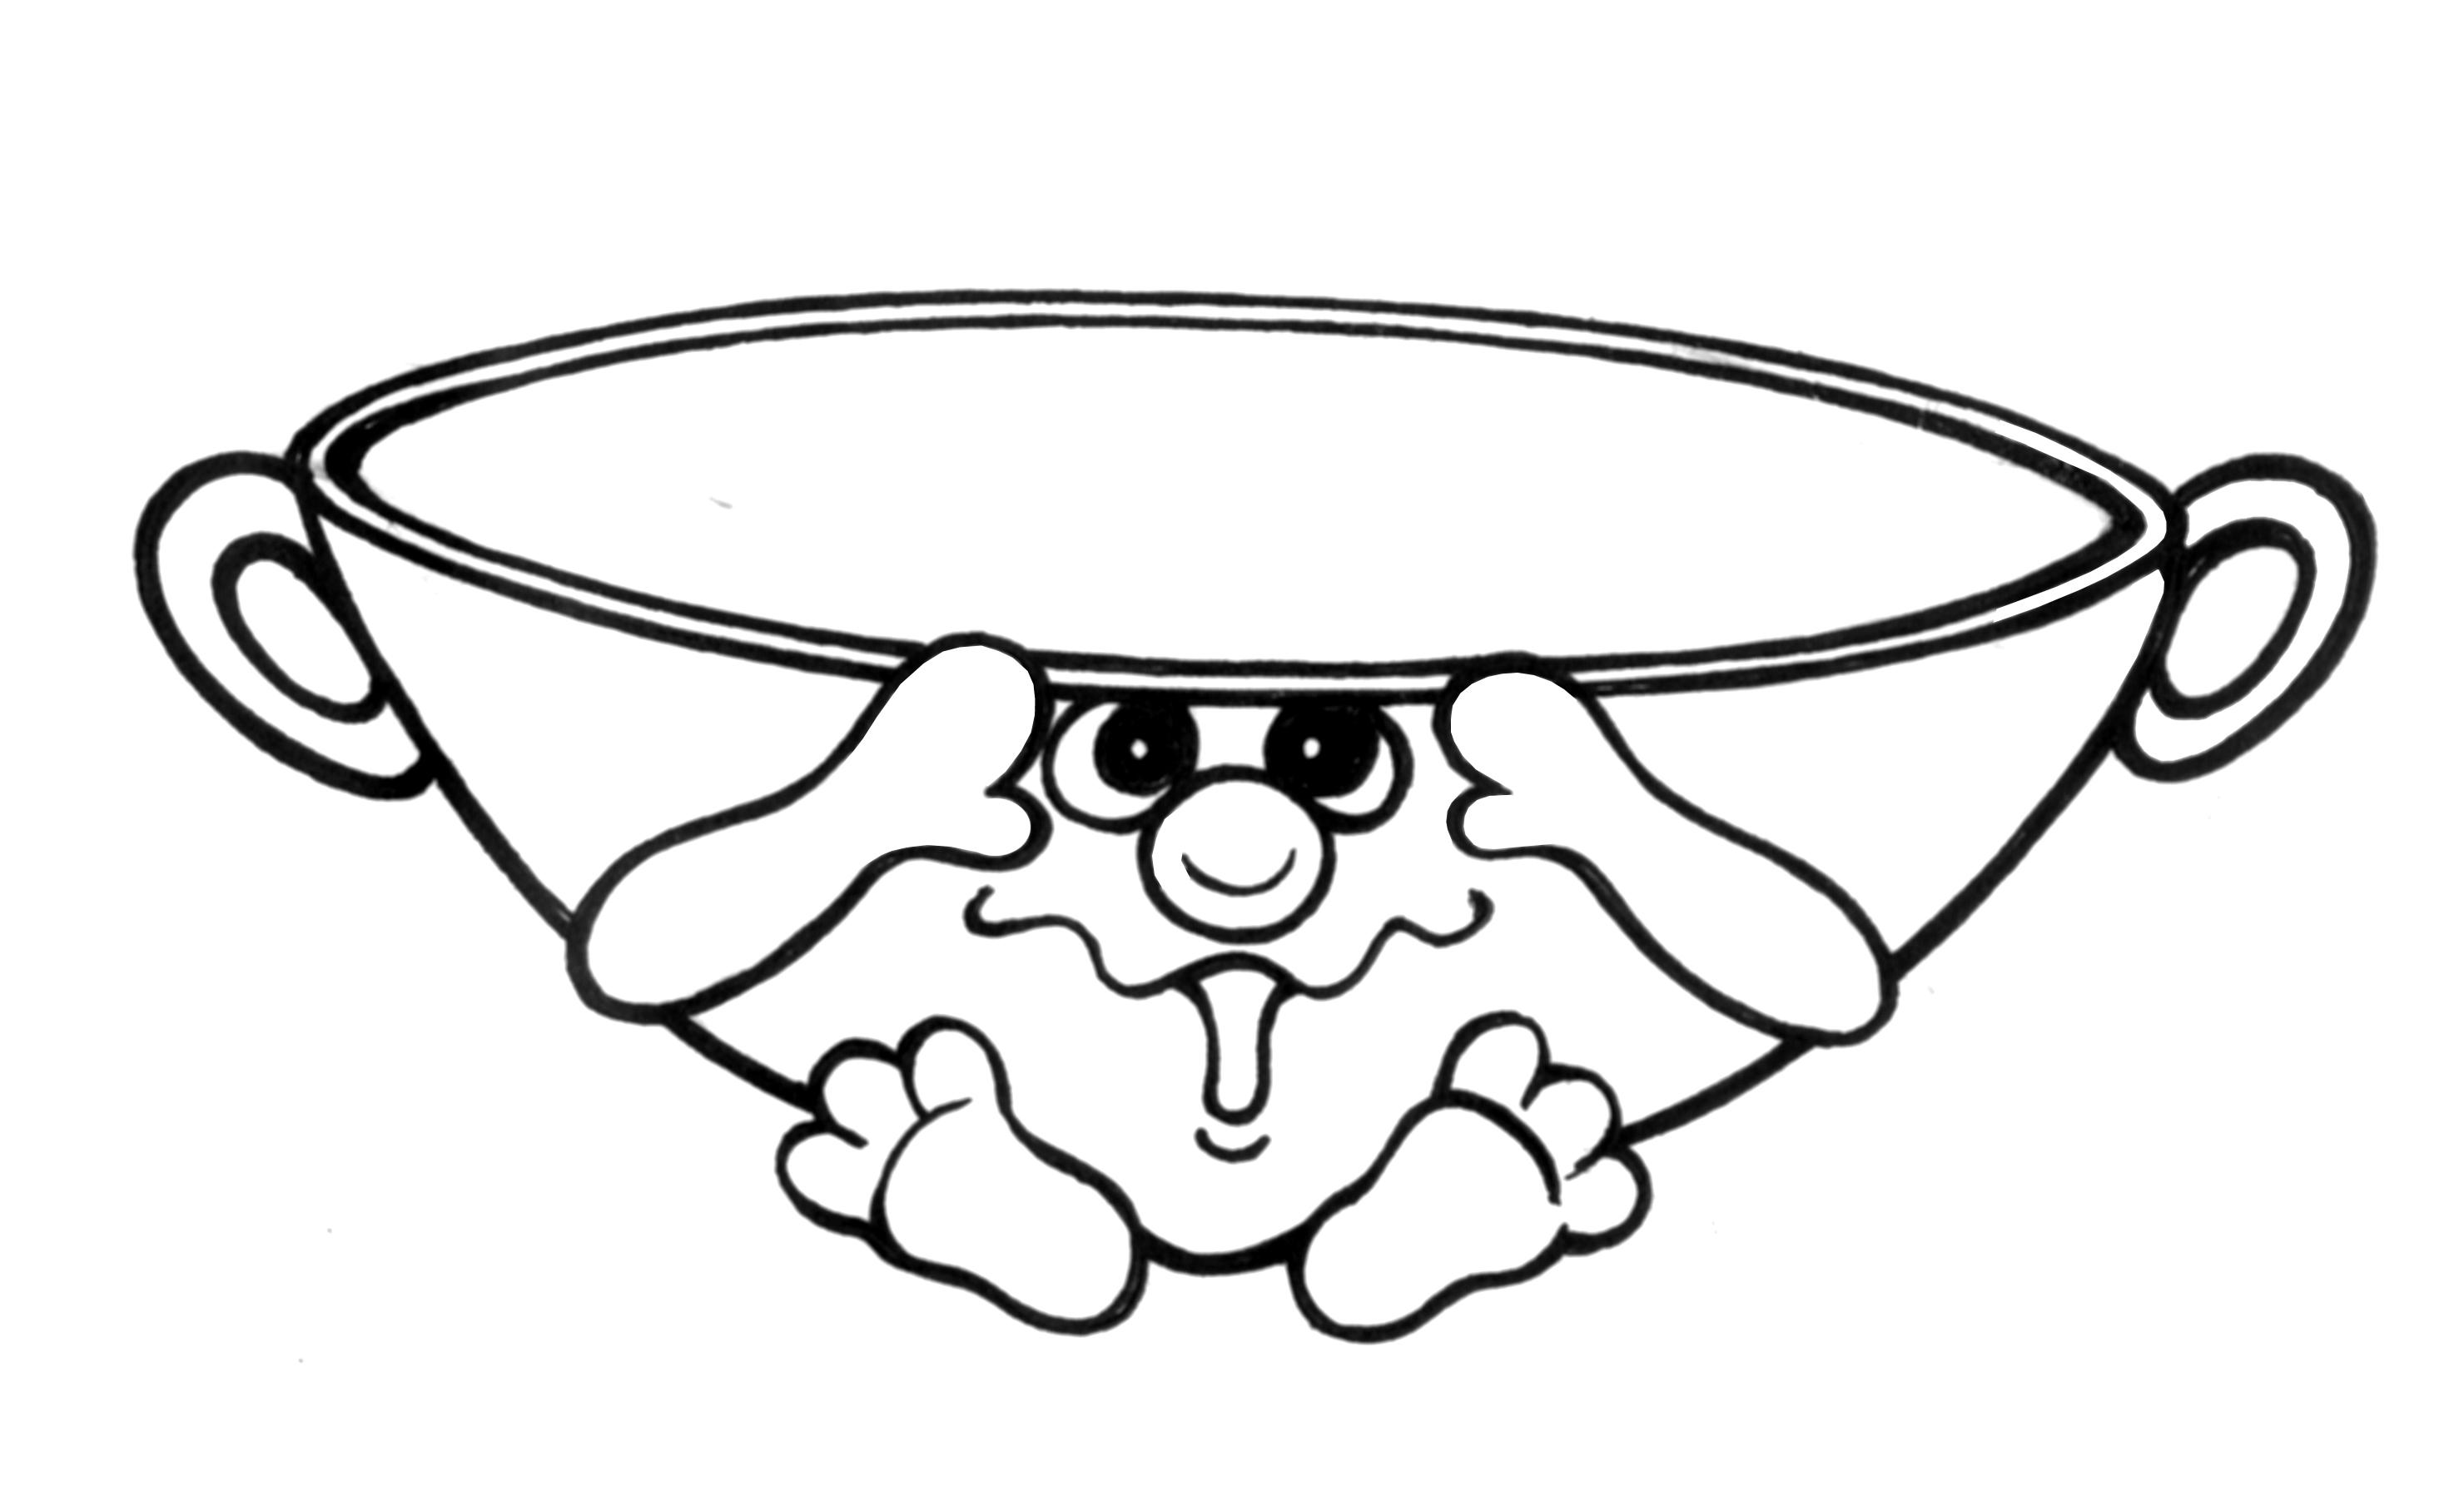 吃火锅卡通图片; 卡通形象logo分享; 卡通手绘造型设计图片分享;